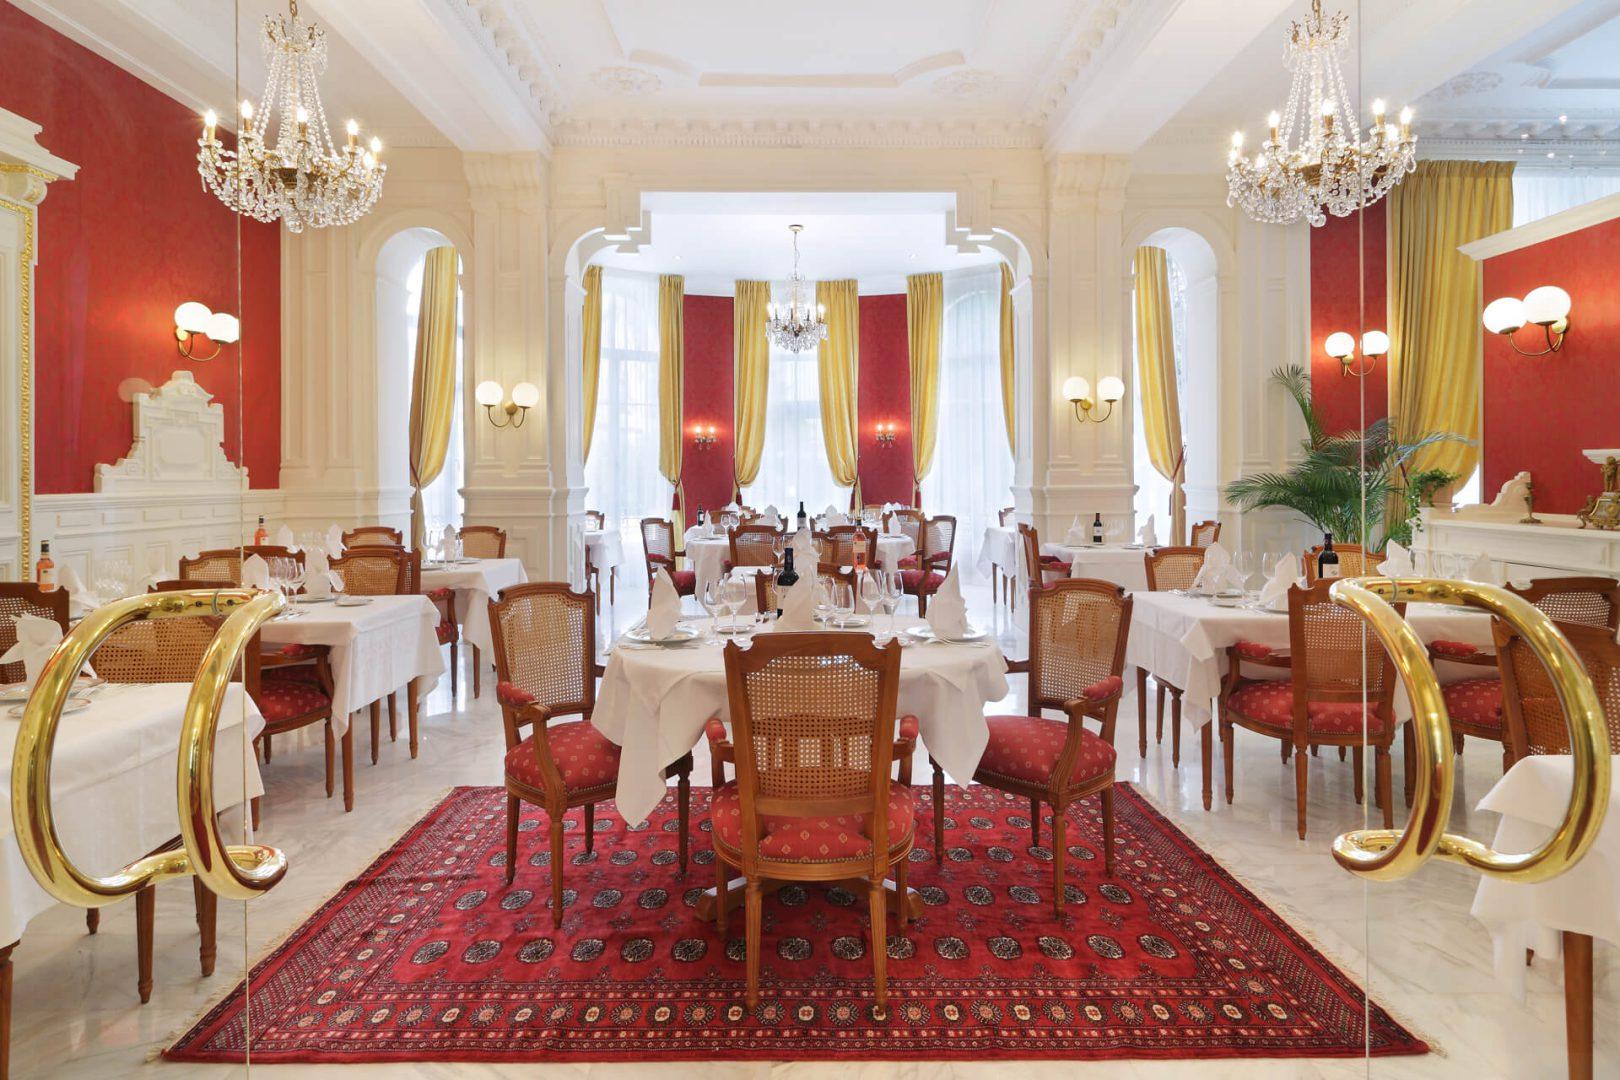 Découvrez les saveurs uniques du Restaurant Le Médicis présent dans 9 Villes de France